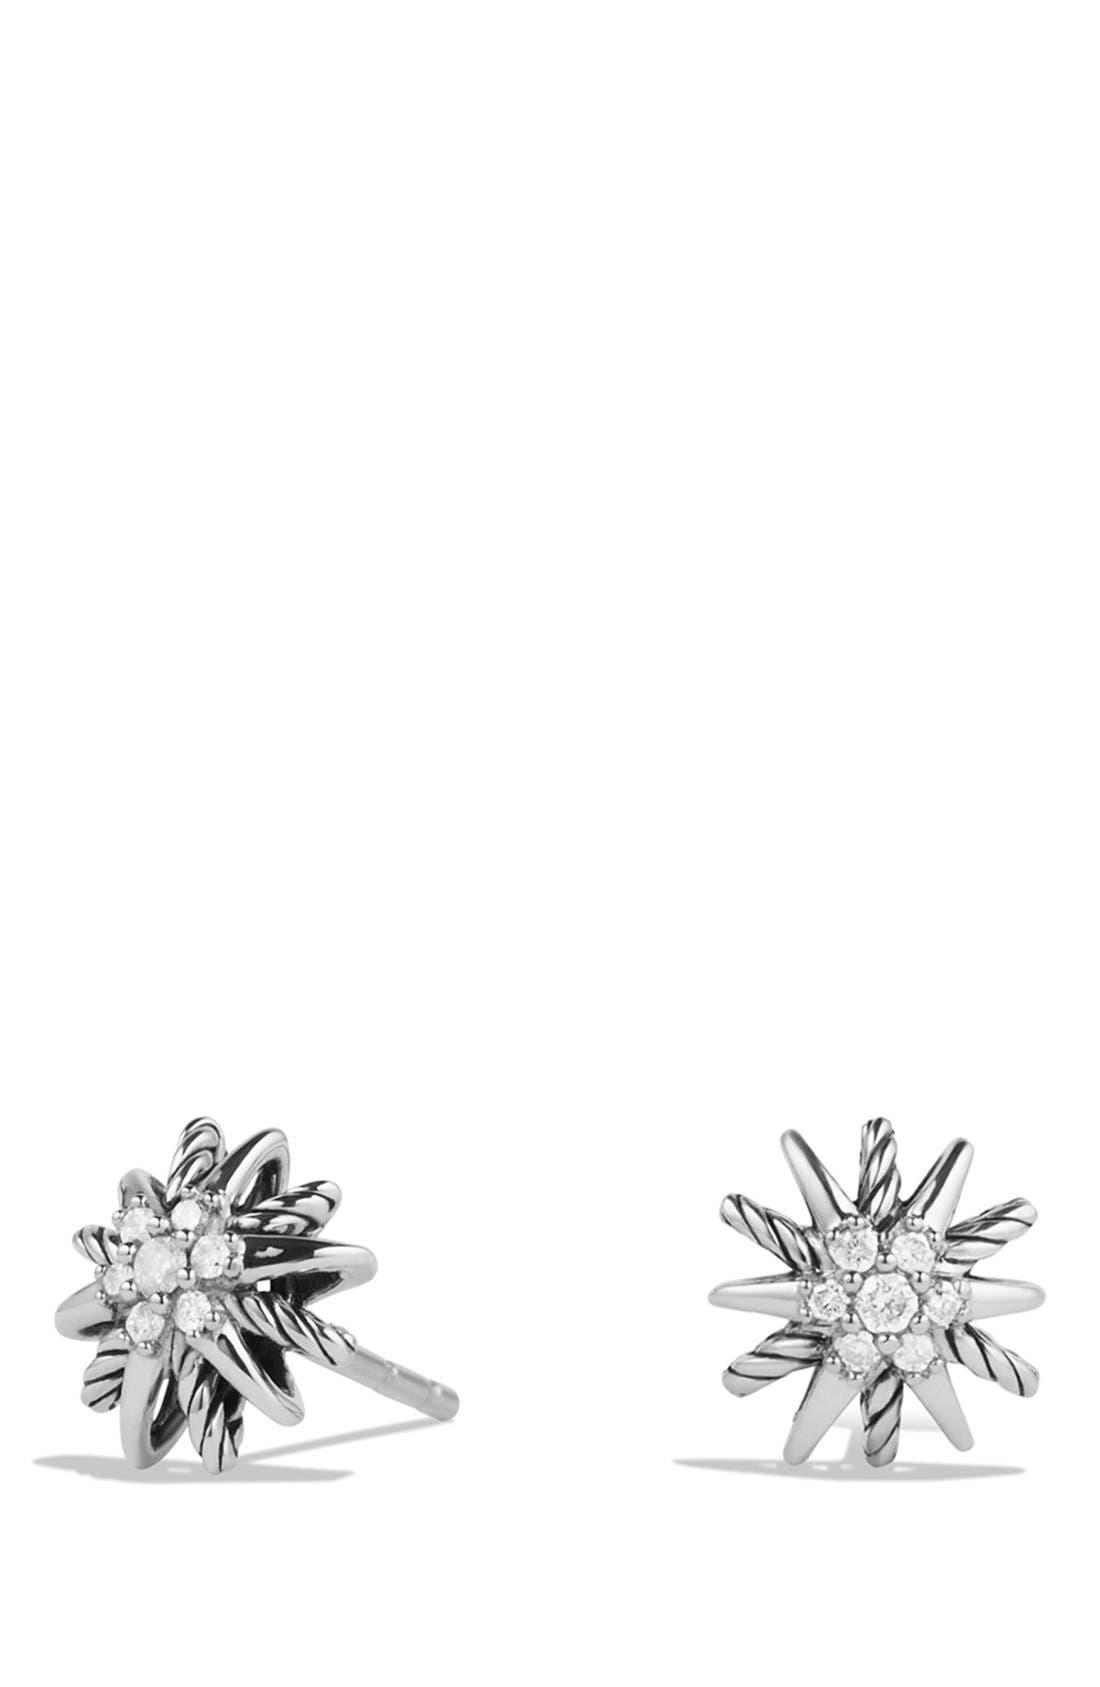 DAVID YURMAN 'Starburst' Earrings with Diamonds, Main, color, DIAMOND